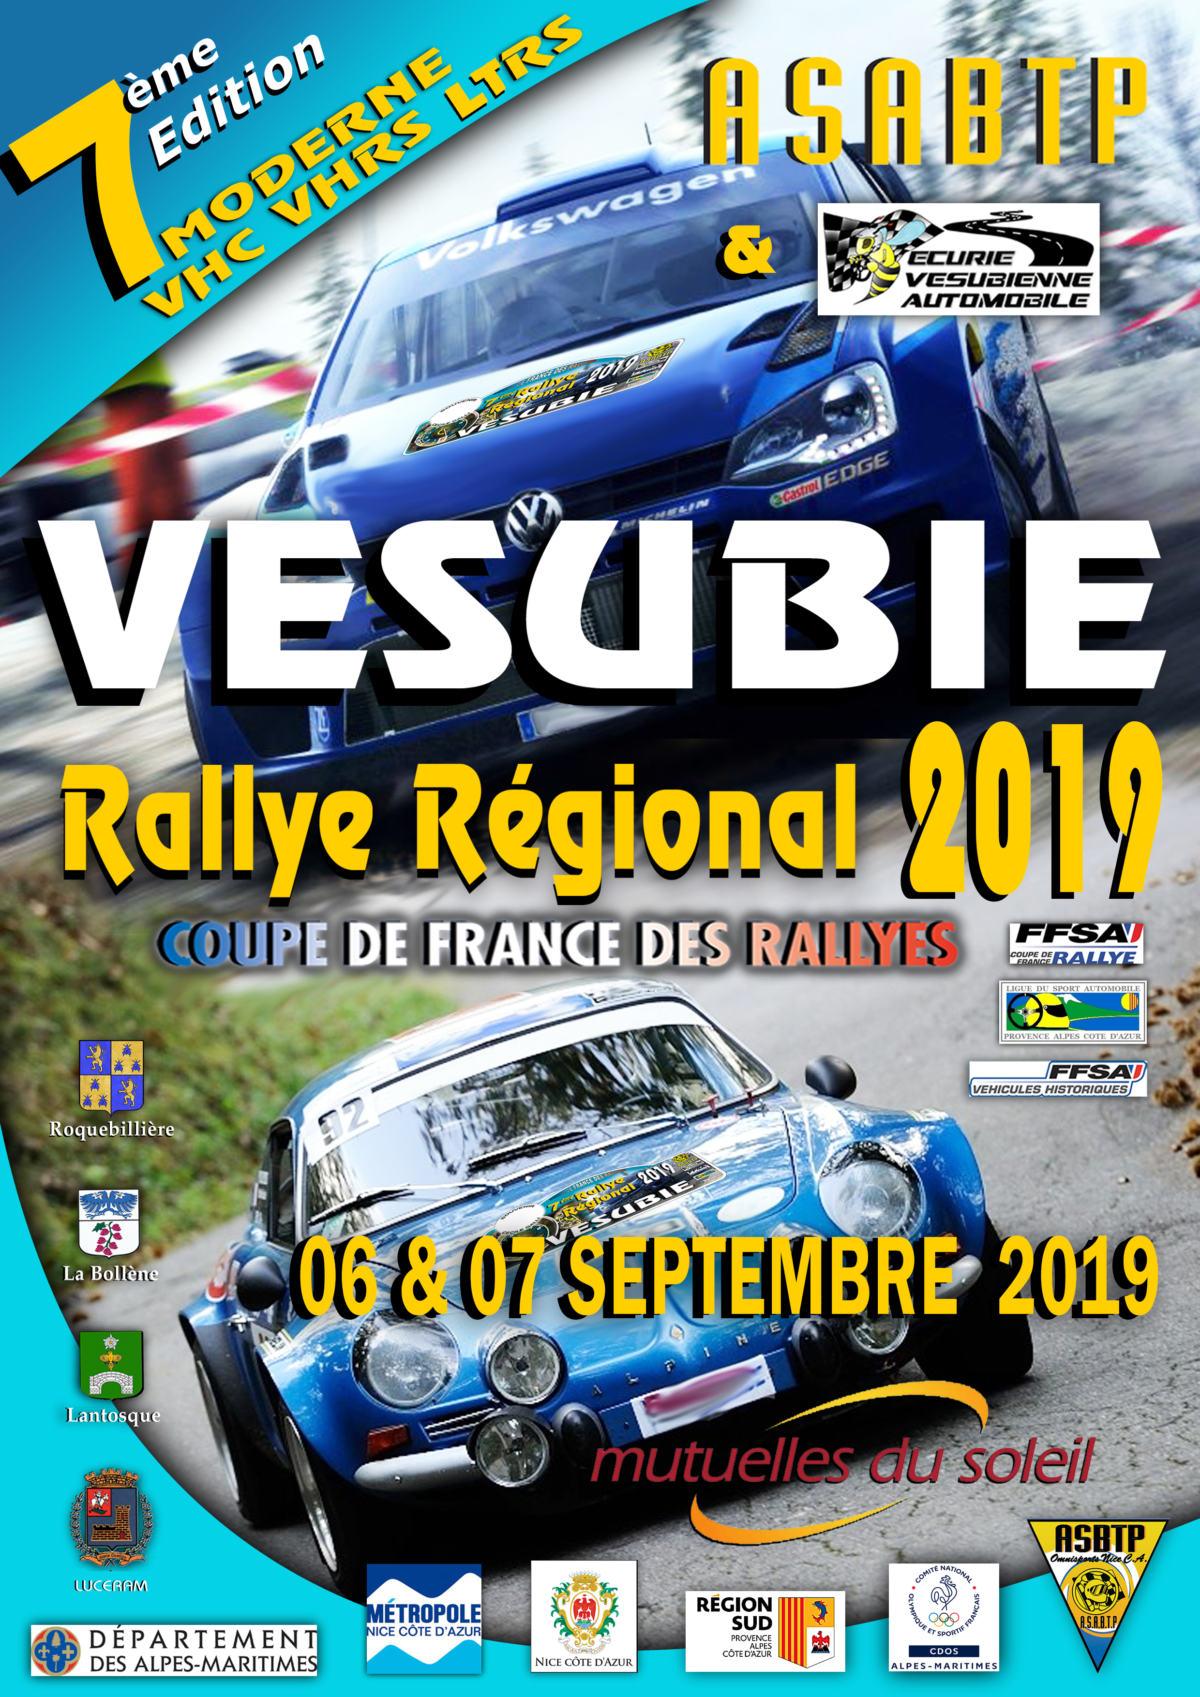 Rallye-de-Vesubie-2019.jpg